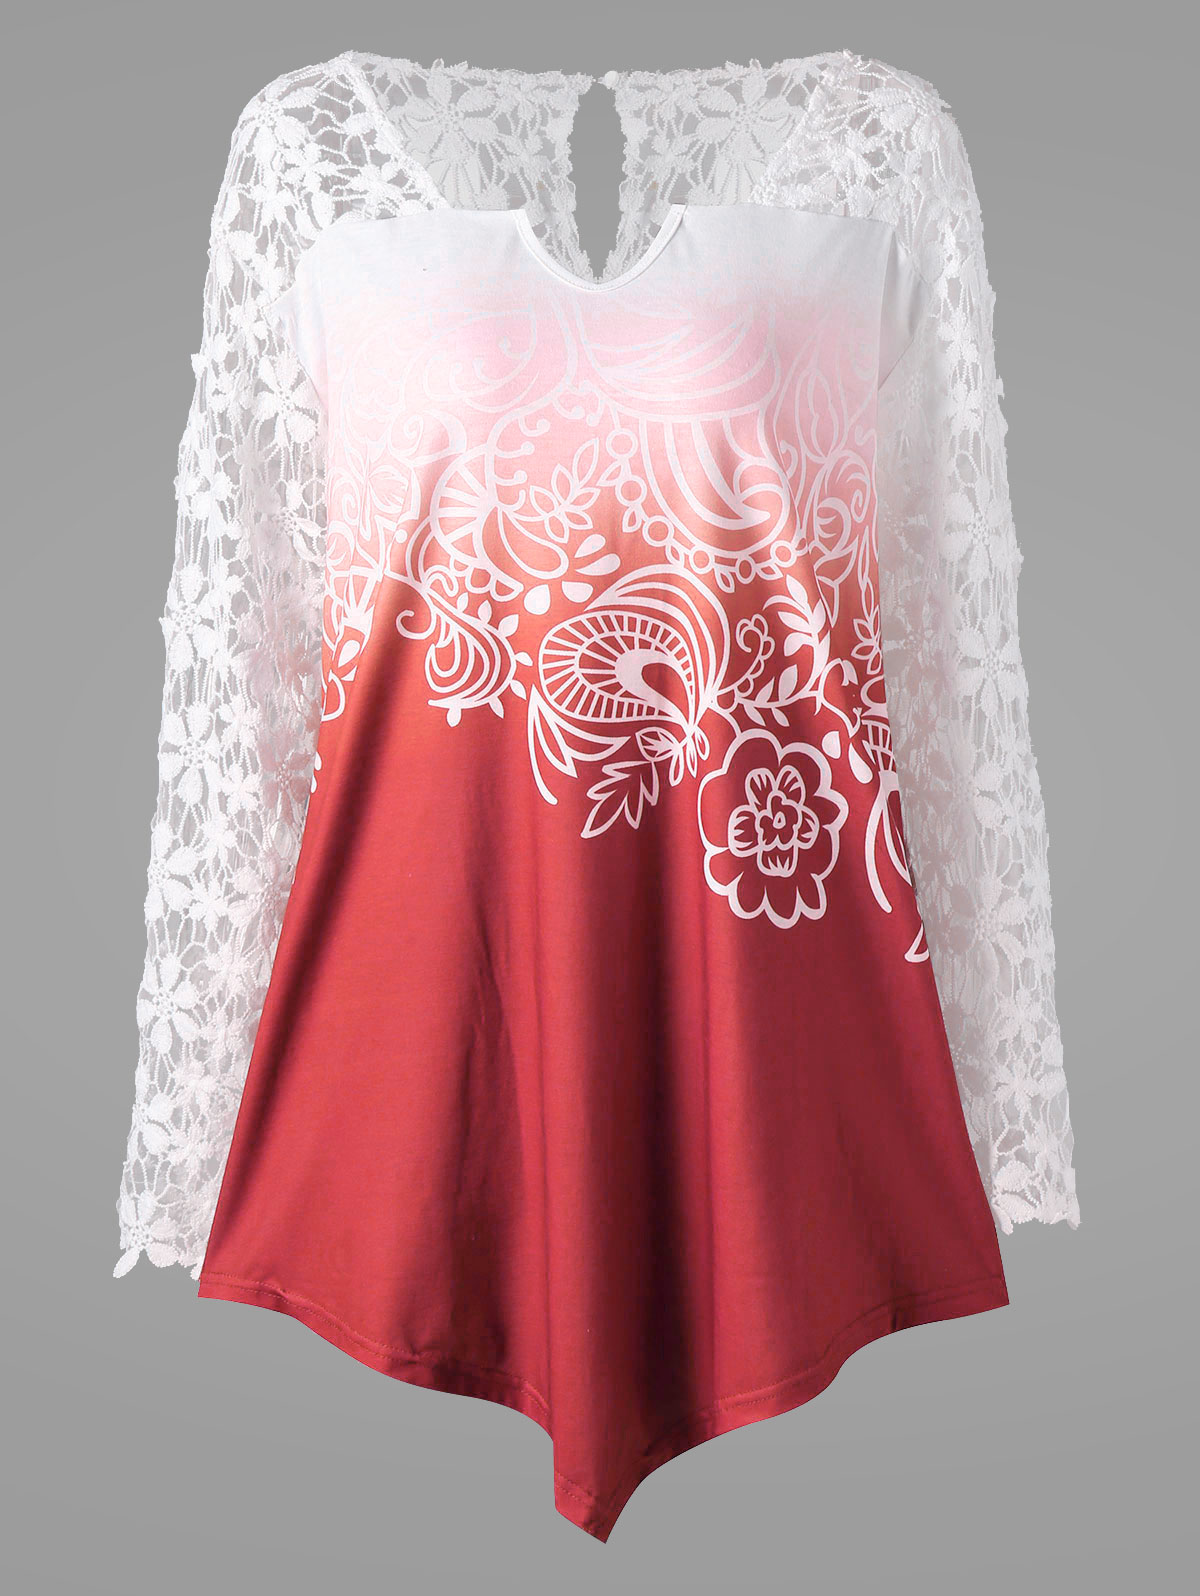 09a1d96aec6 2018 White Lace Long Sleeve Chiffon Blouse Women Tops Plus Size Summer  Floral Boho Shirt Elegant Ladies Blusas Femme XL-5XL